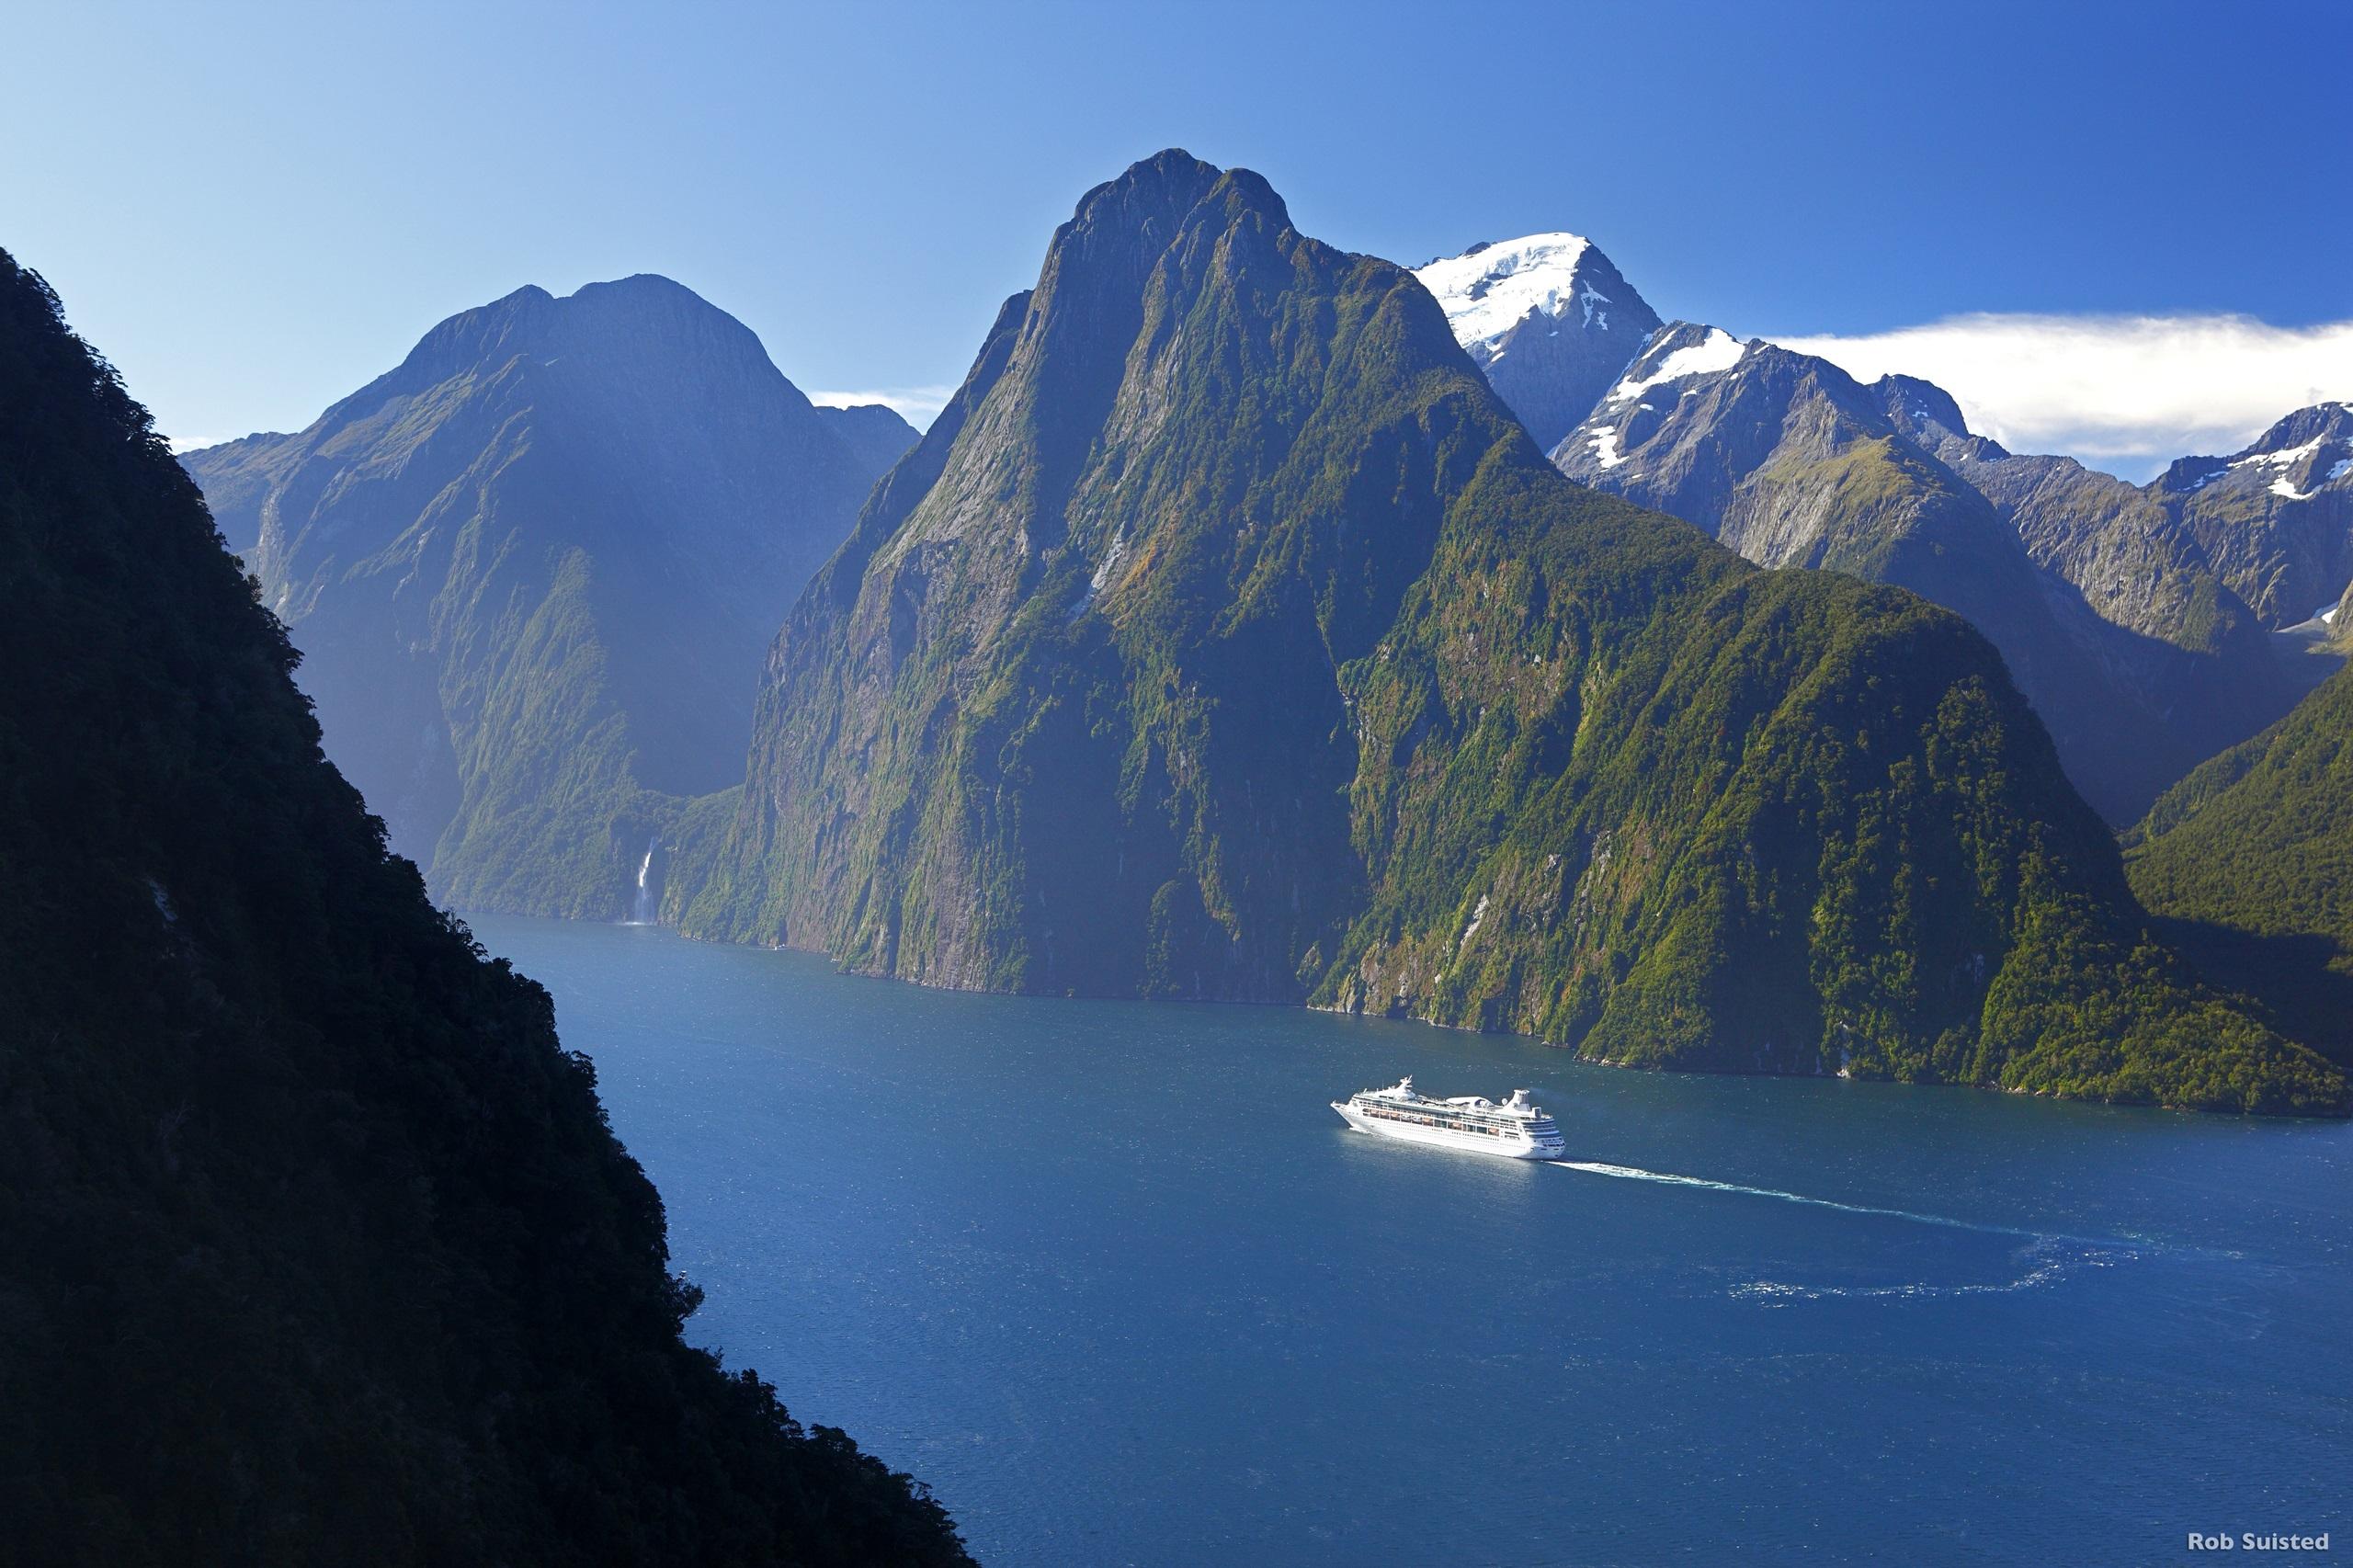 Populairste reis naar Nieuw-Zeeland